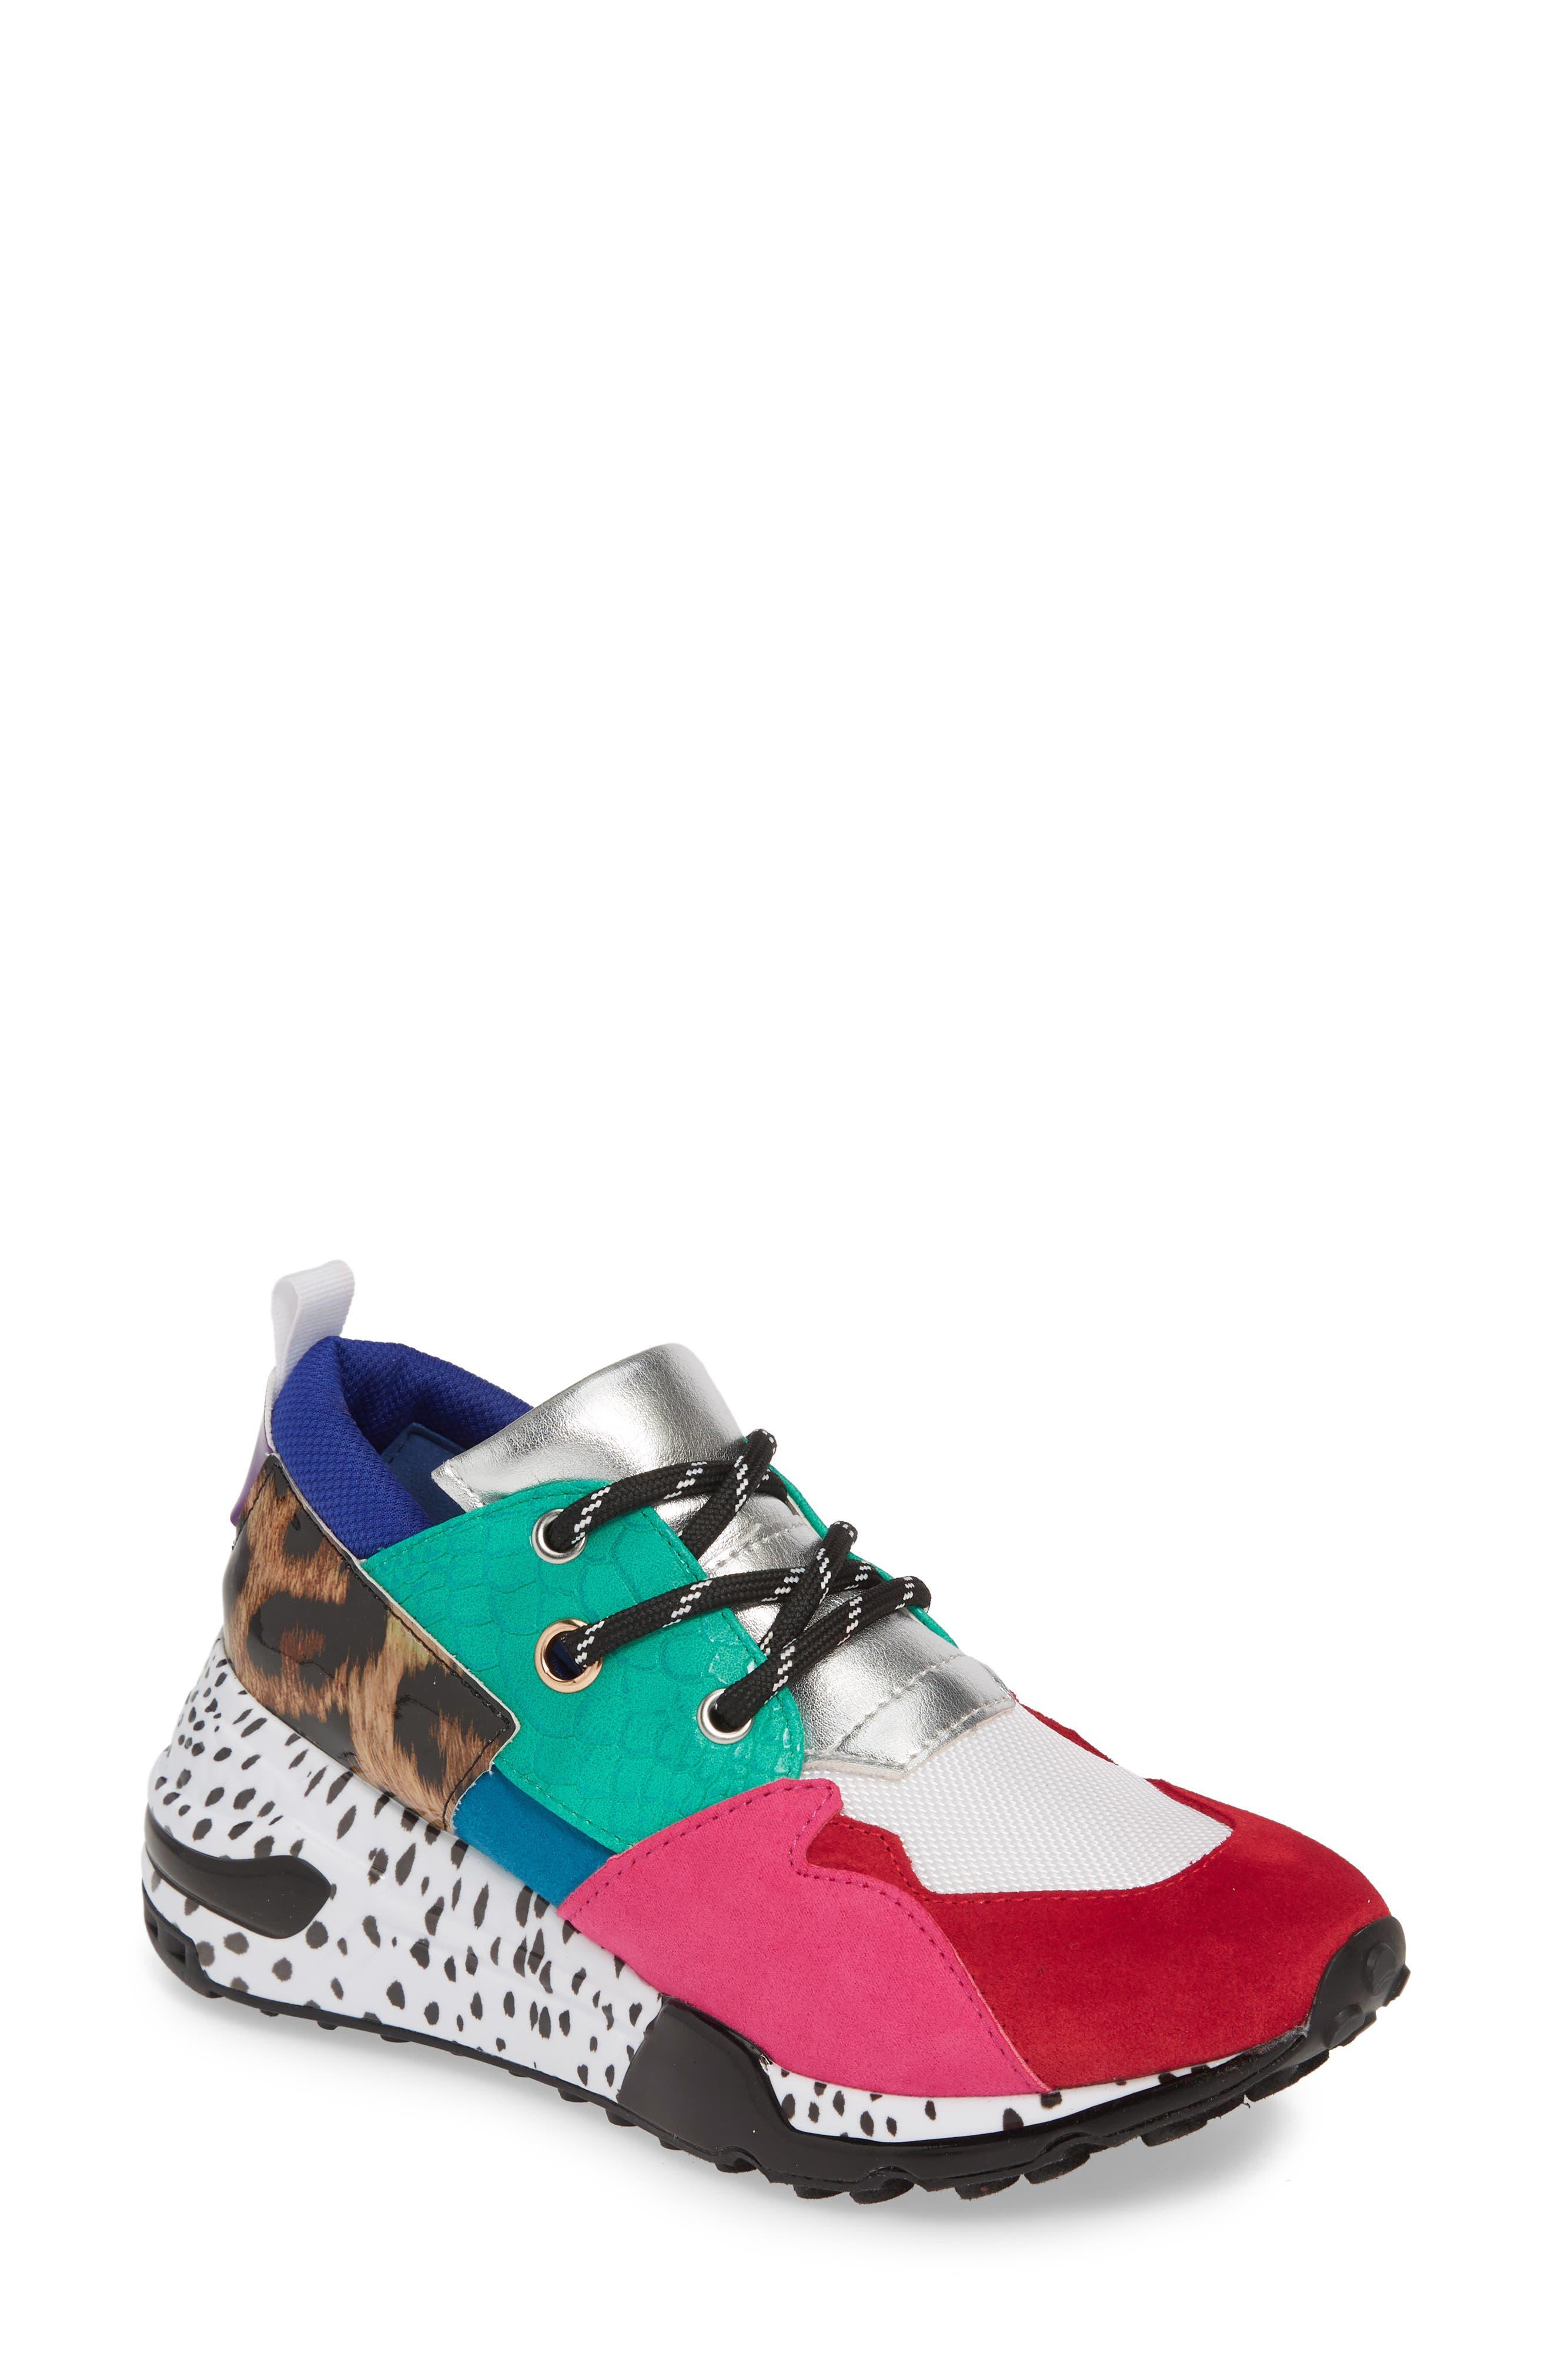 Steve Madden Cliff Sneaker In Rainbow